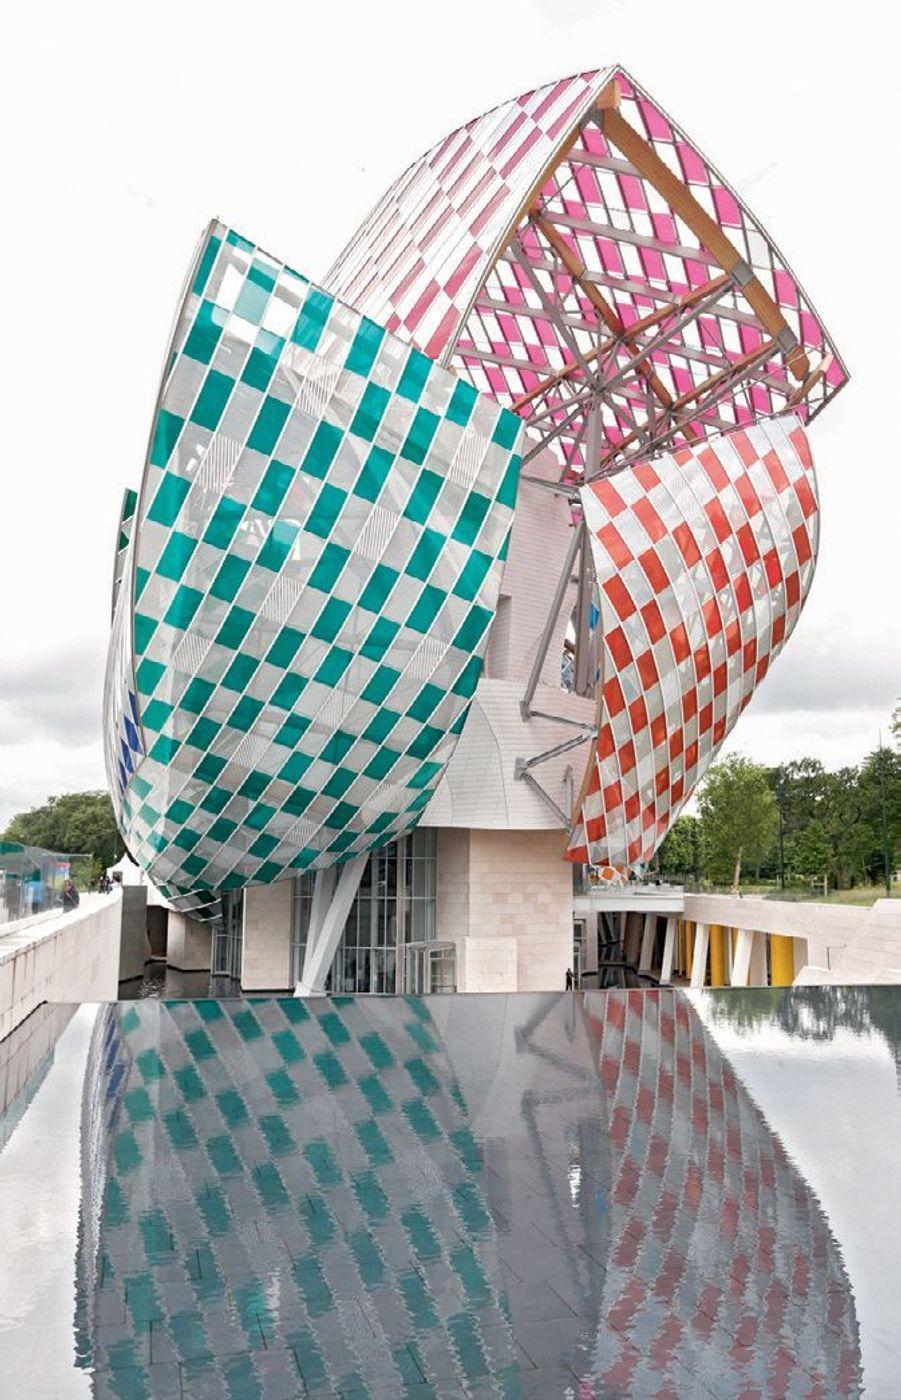 Les voiles de la Fondation Louis Vuitton, conçues par Frank Gehry et revisitées temporairement par Daniel Buren.